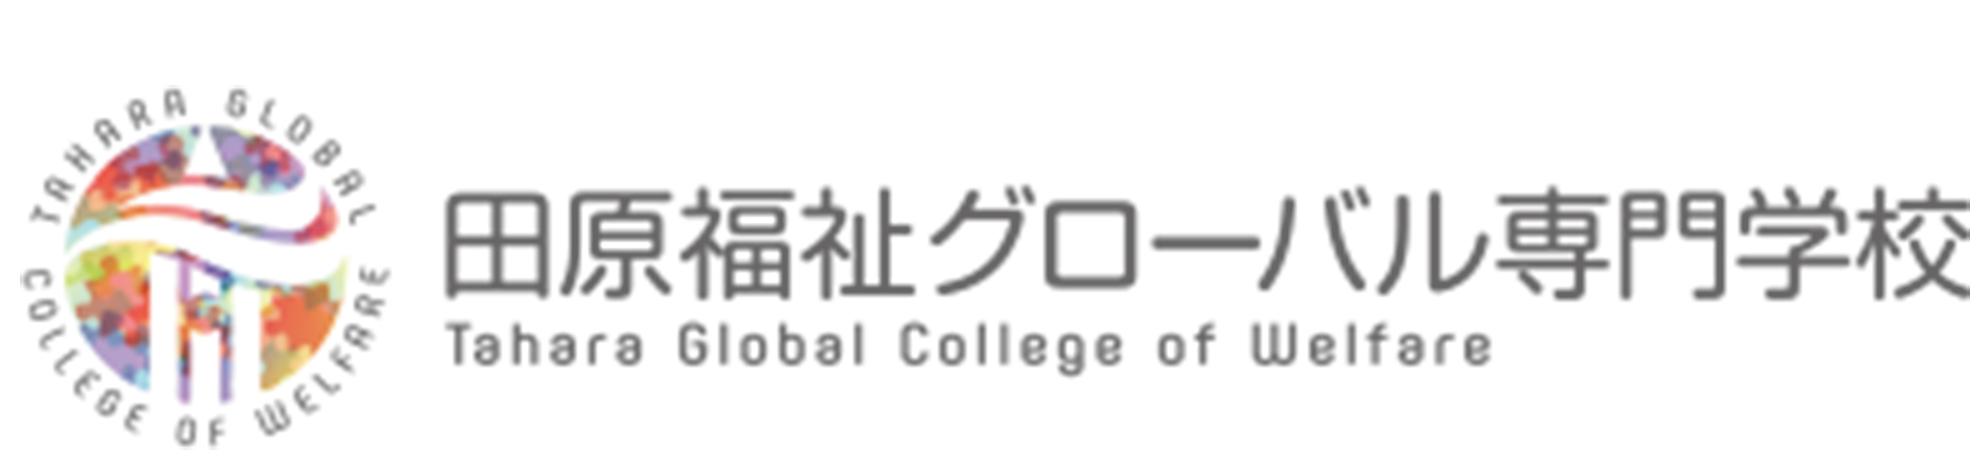 田原福祉グローバル専門学校